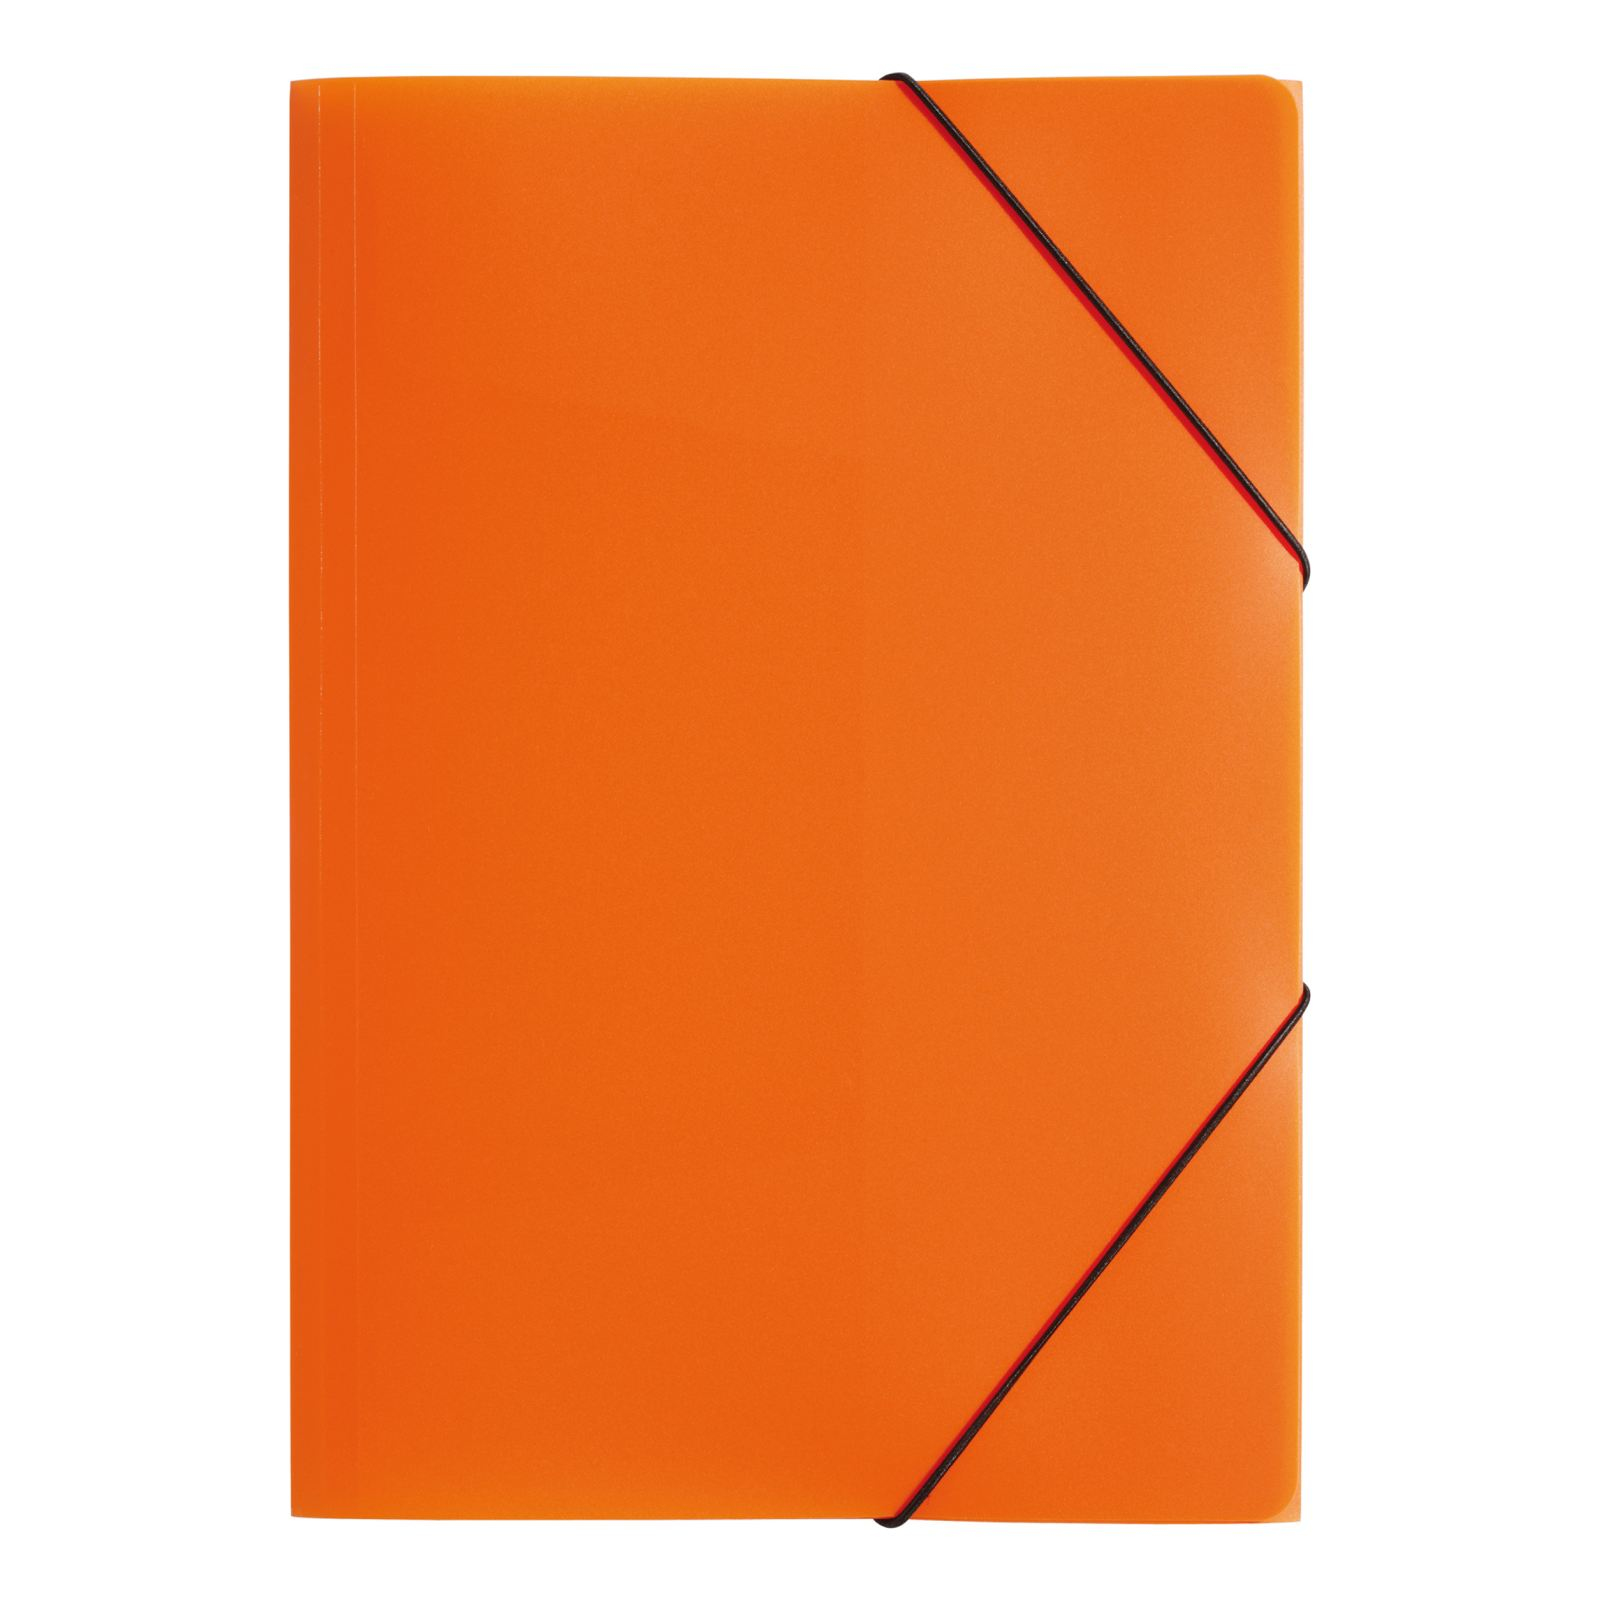 Pagna 21638-09 - A3 - Polypropylen (PP) - Orange - Gummiband - 5 Stück(e)